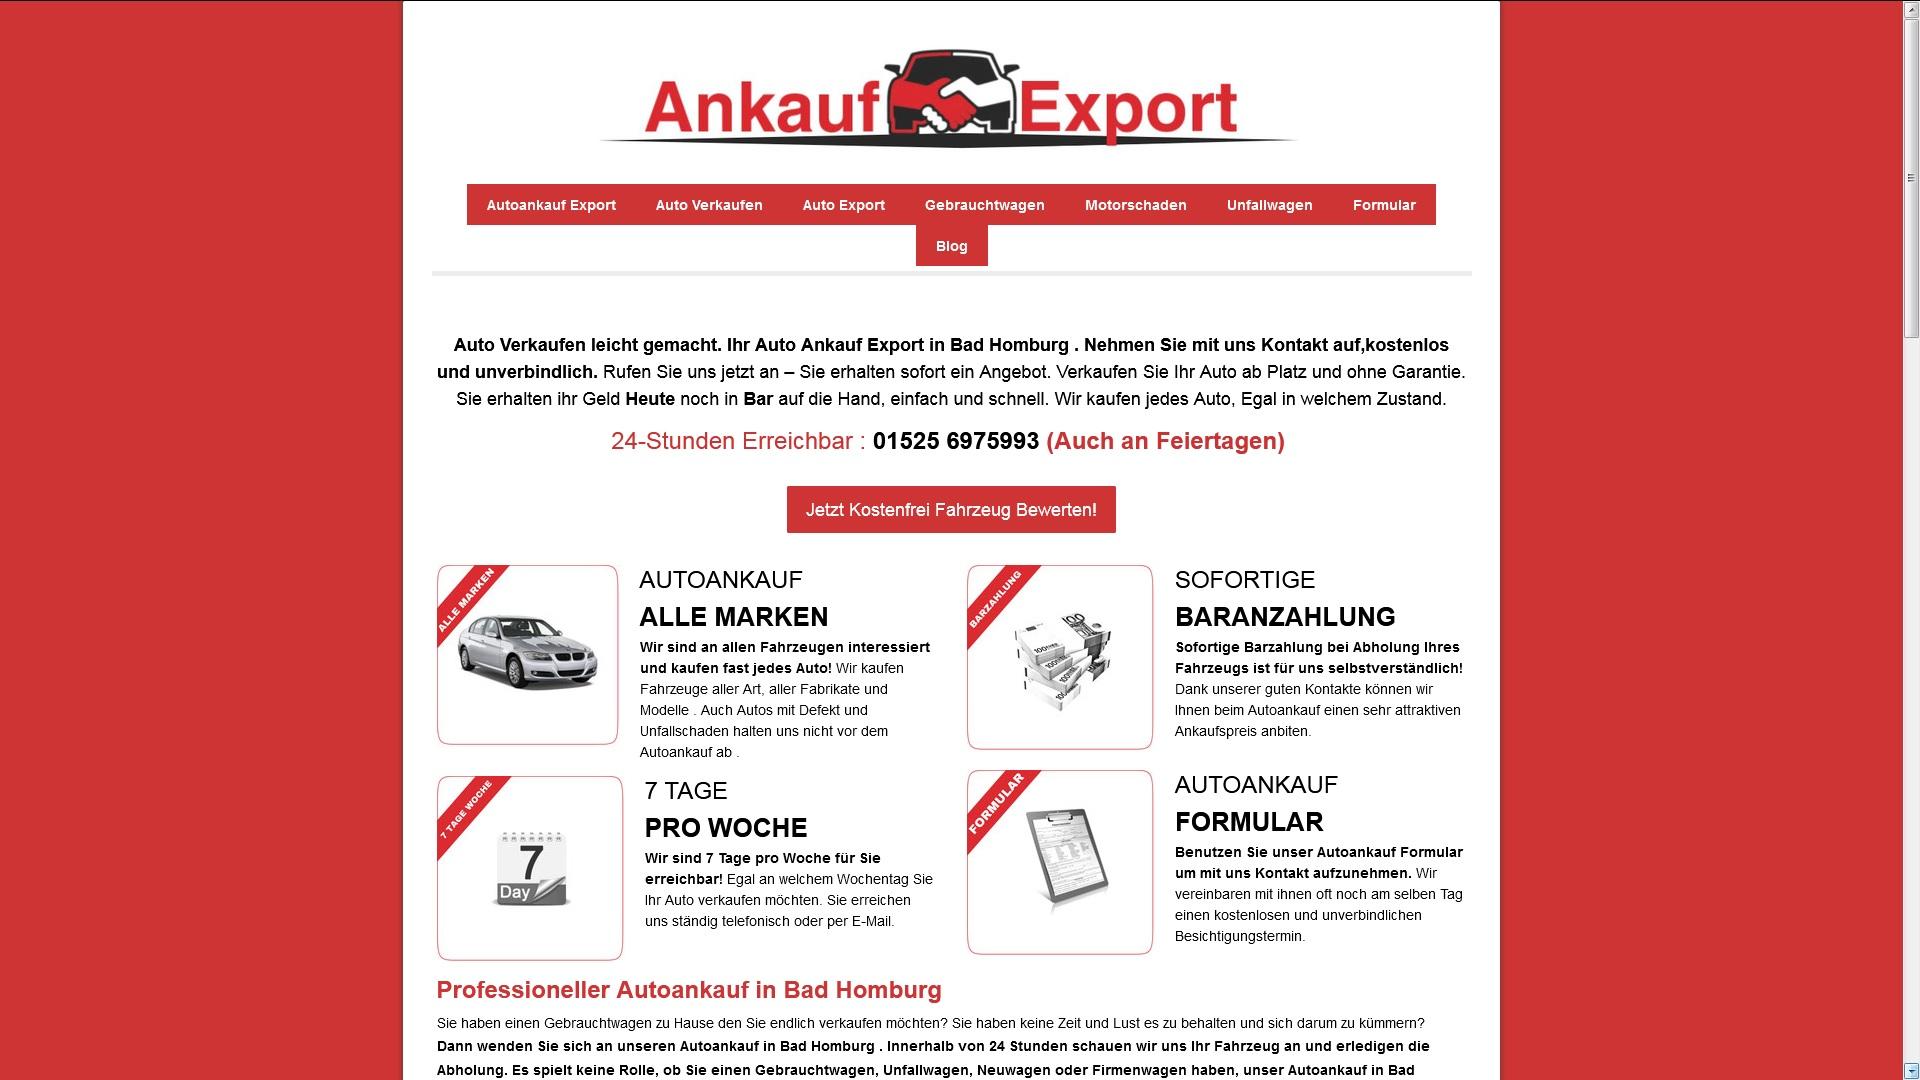 Autoanakuf Lingen